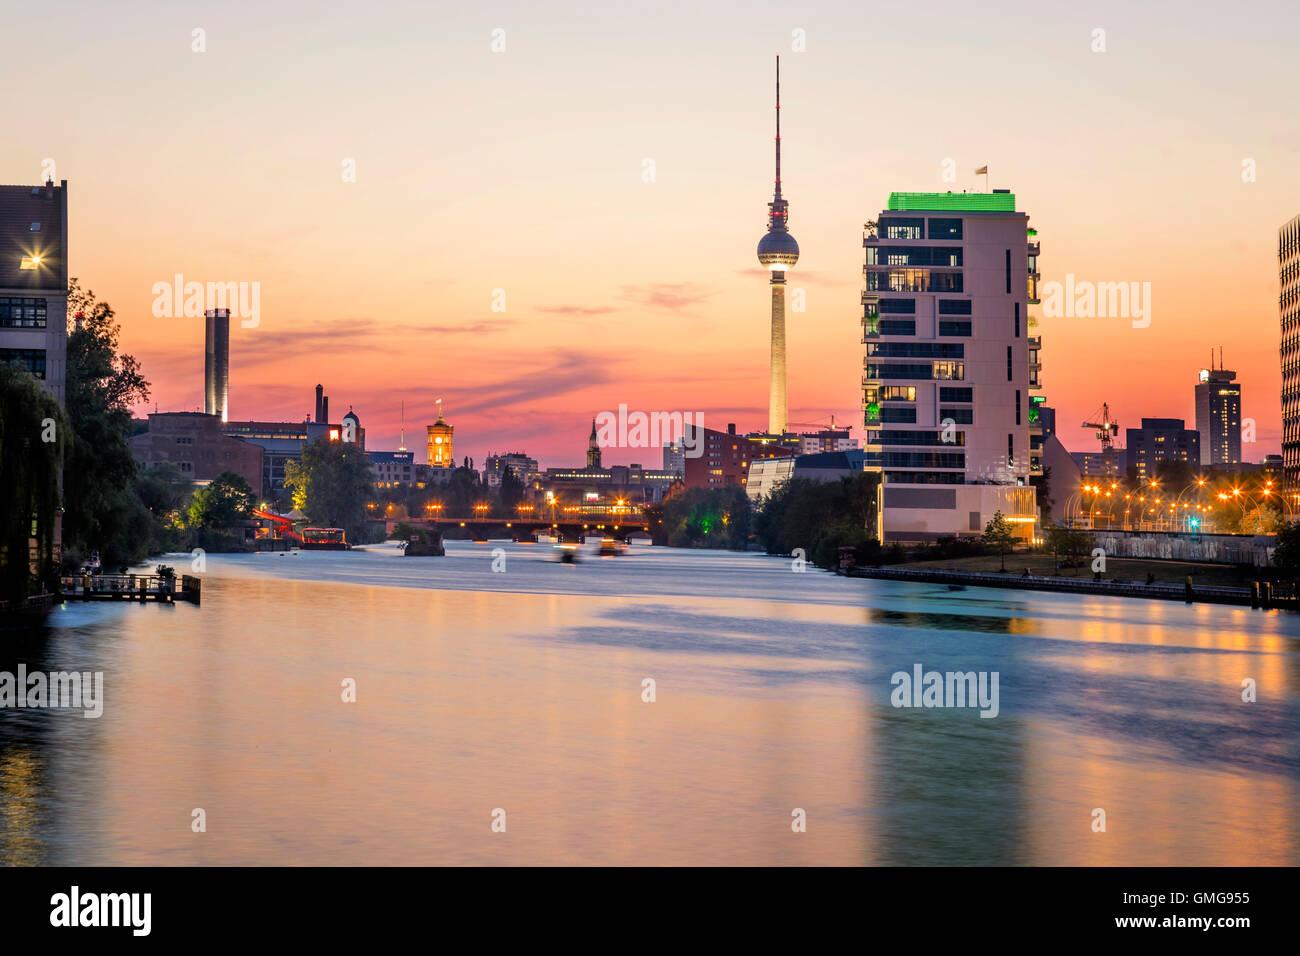 Skyline Berlin, River Spree, Media Spree, Skycraper Living Levels, Mercedes, Berlin Stock Photo